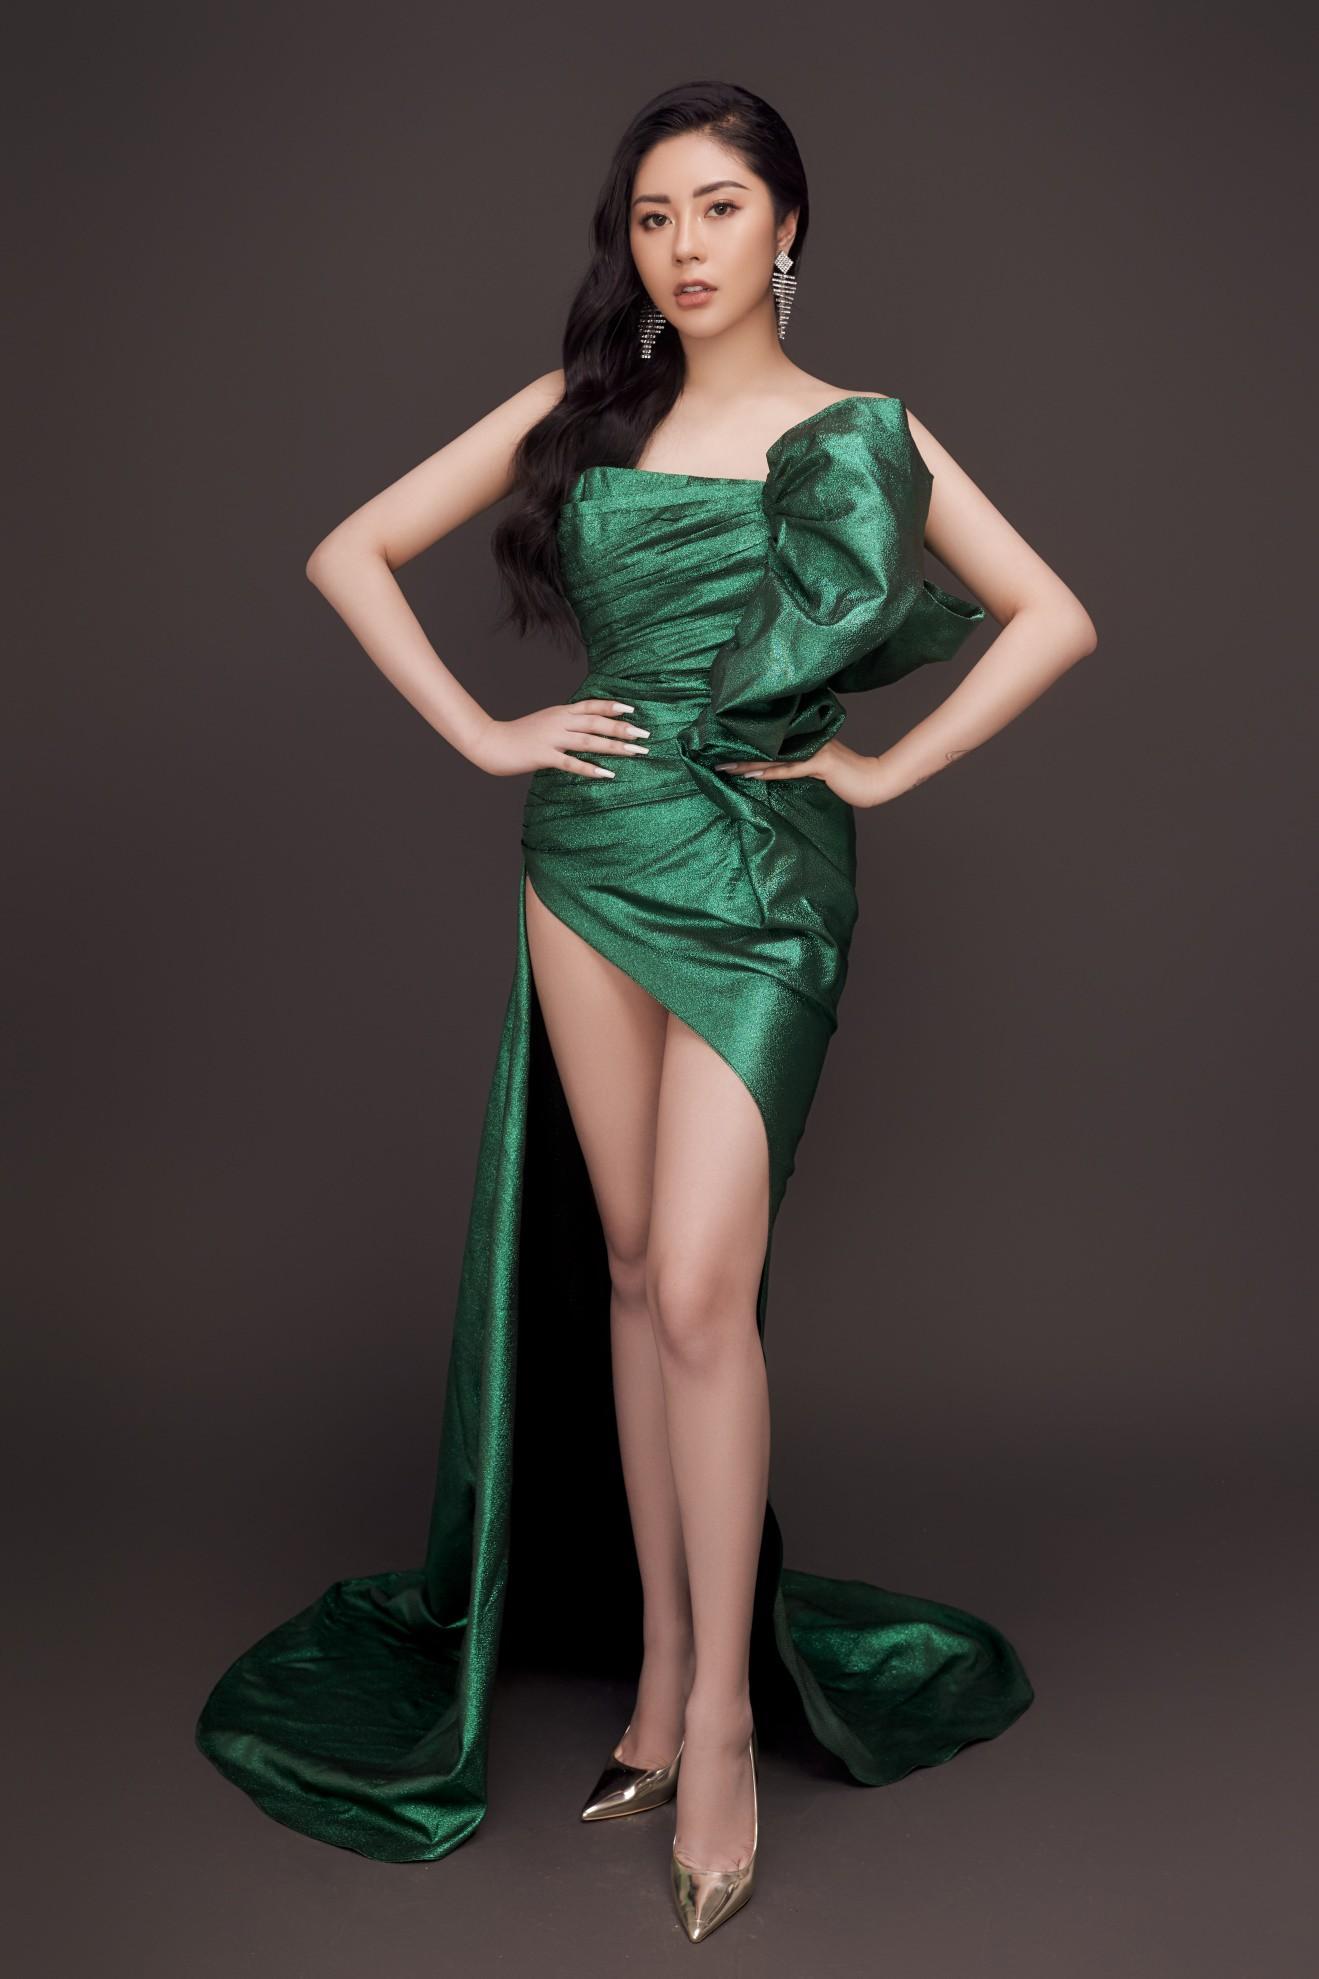 Người đẹp Tô Diệp Hà khoe vẻ gợi cảm sau 1 năm đăng quang - Ảnh 4.